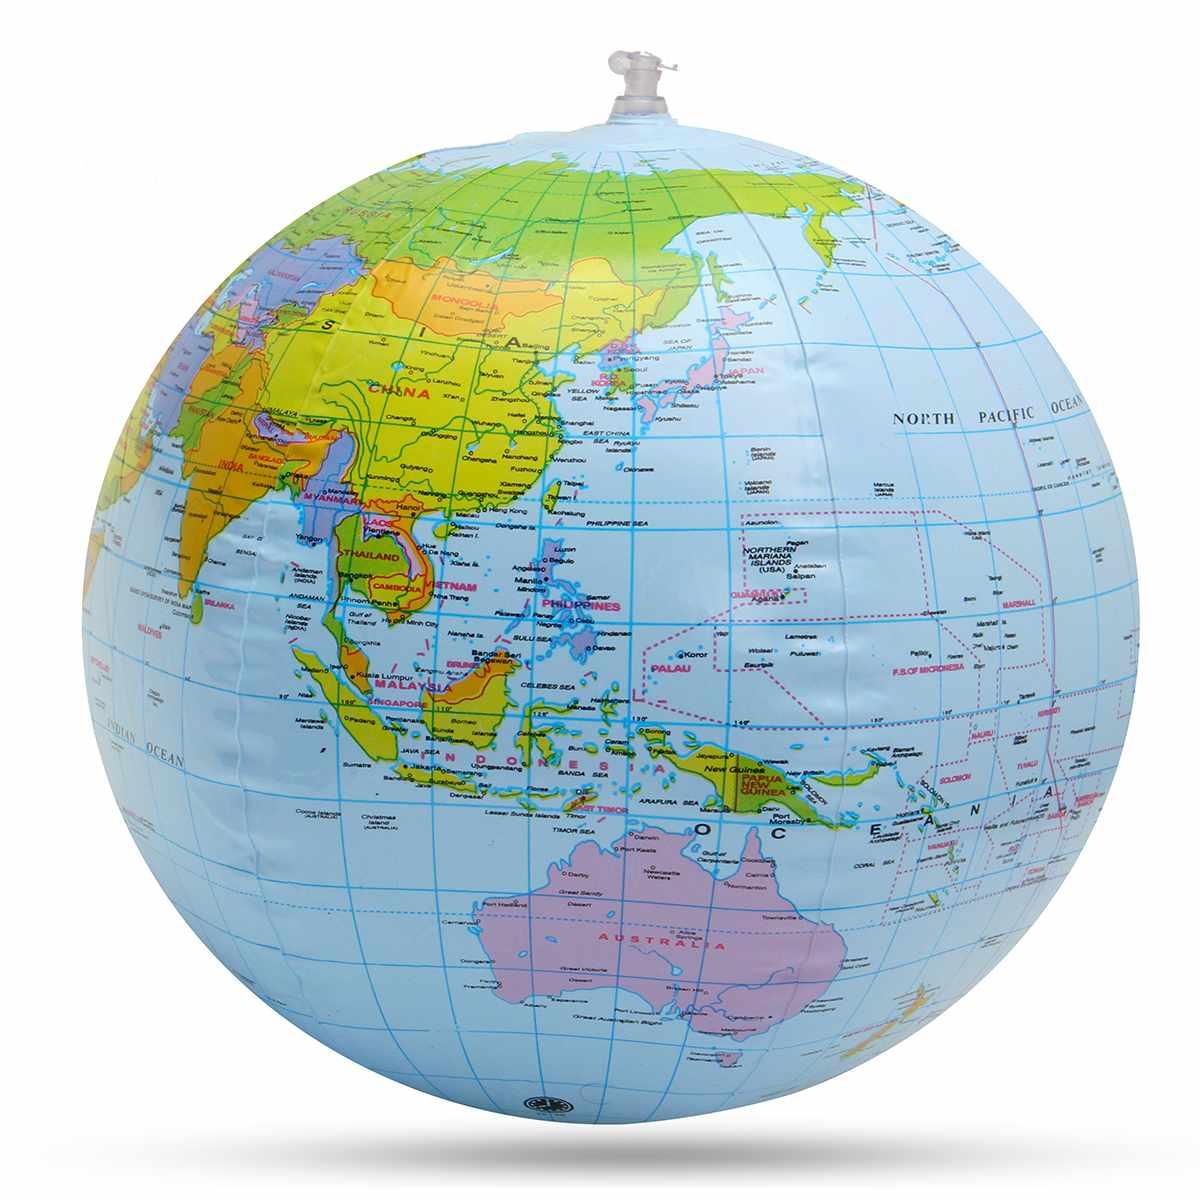 Aufblasbarer Globus Welt Erde Ozean Karte Strand Ball Geographie Lernen Pädagogisches Strand Ball Kinder Spielzeug Home Büro Dekoration